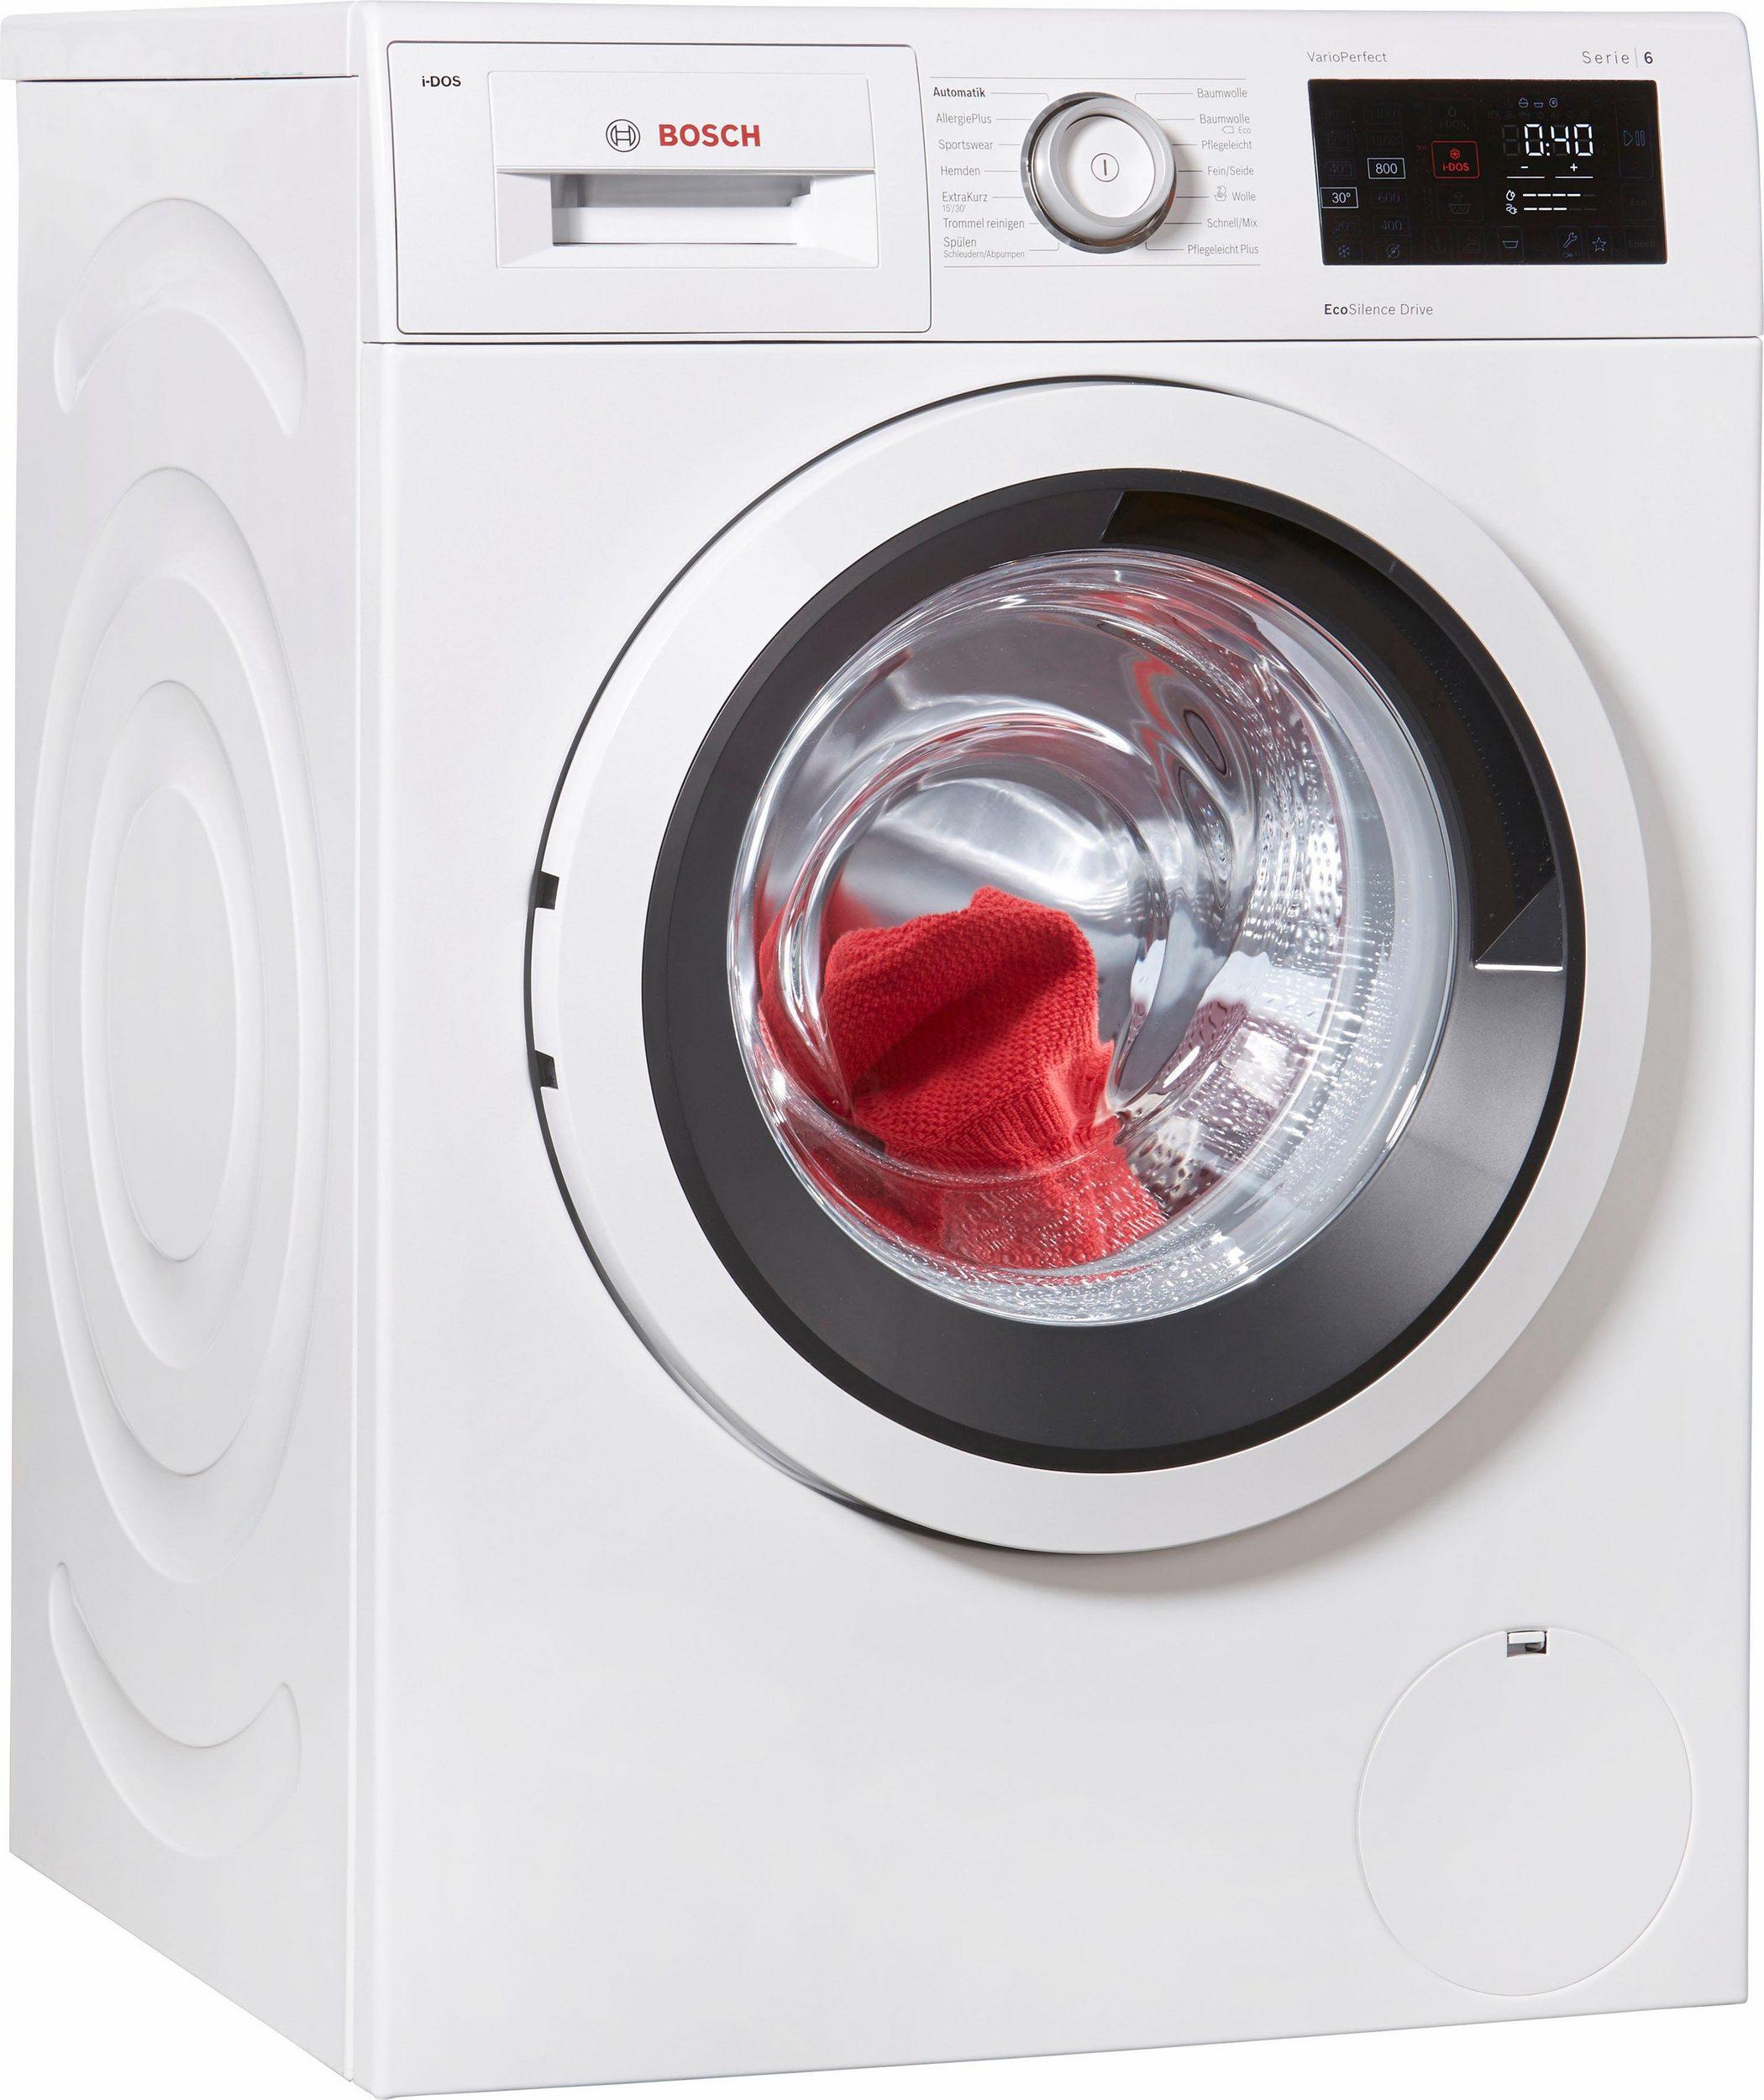 Bosch Waschmaschine mit i-Dos Dosierautomatik im Otto Black Friday Sale 584,95 inkl. Versand